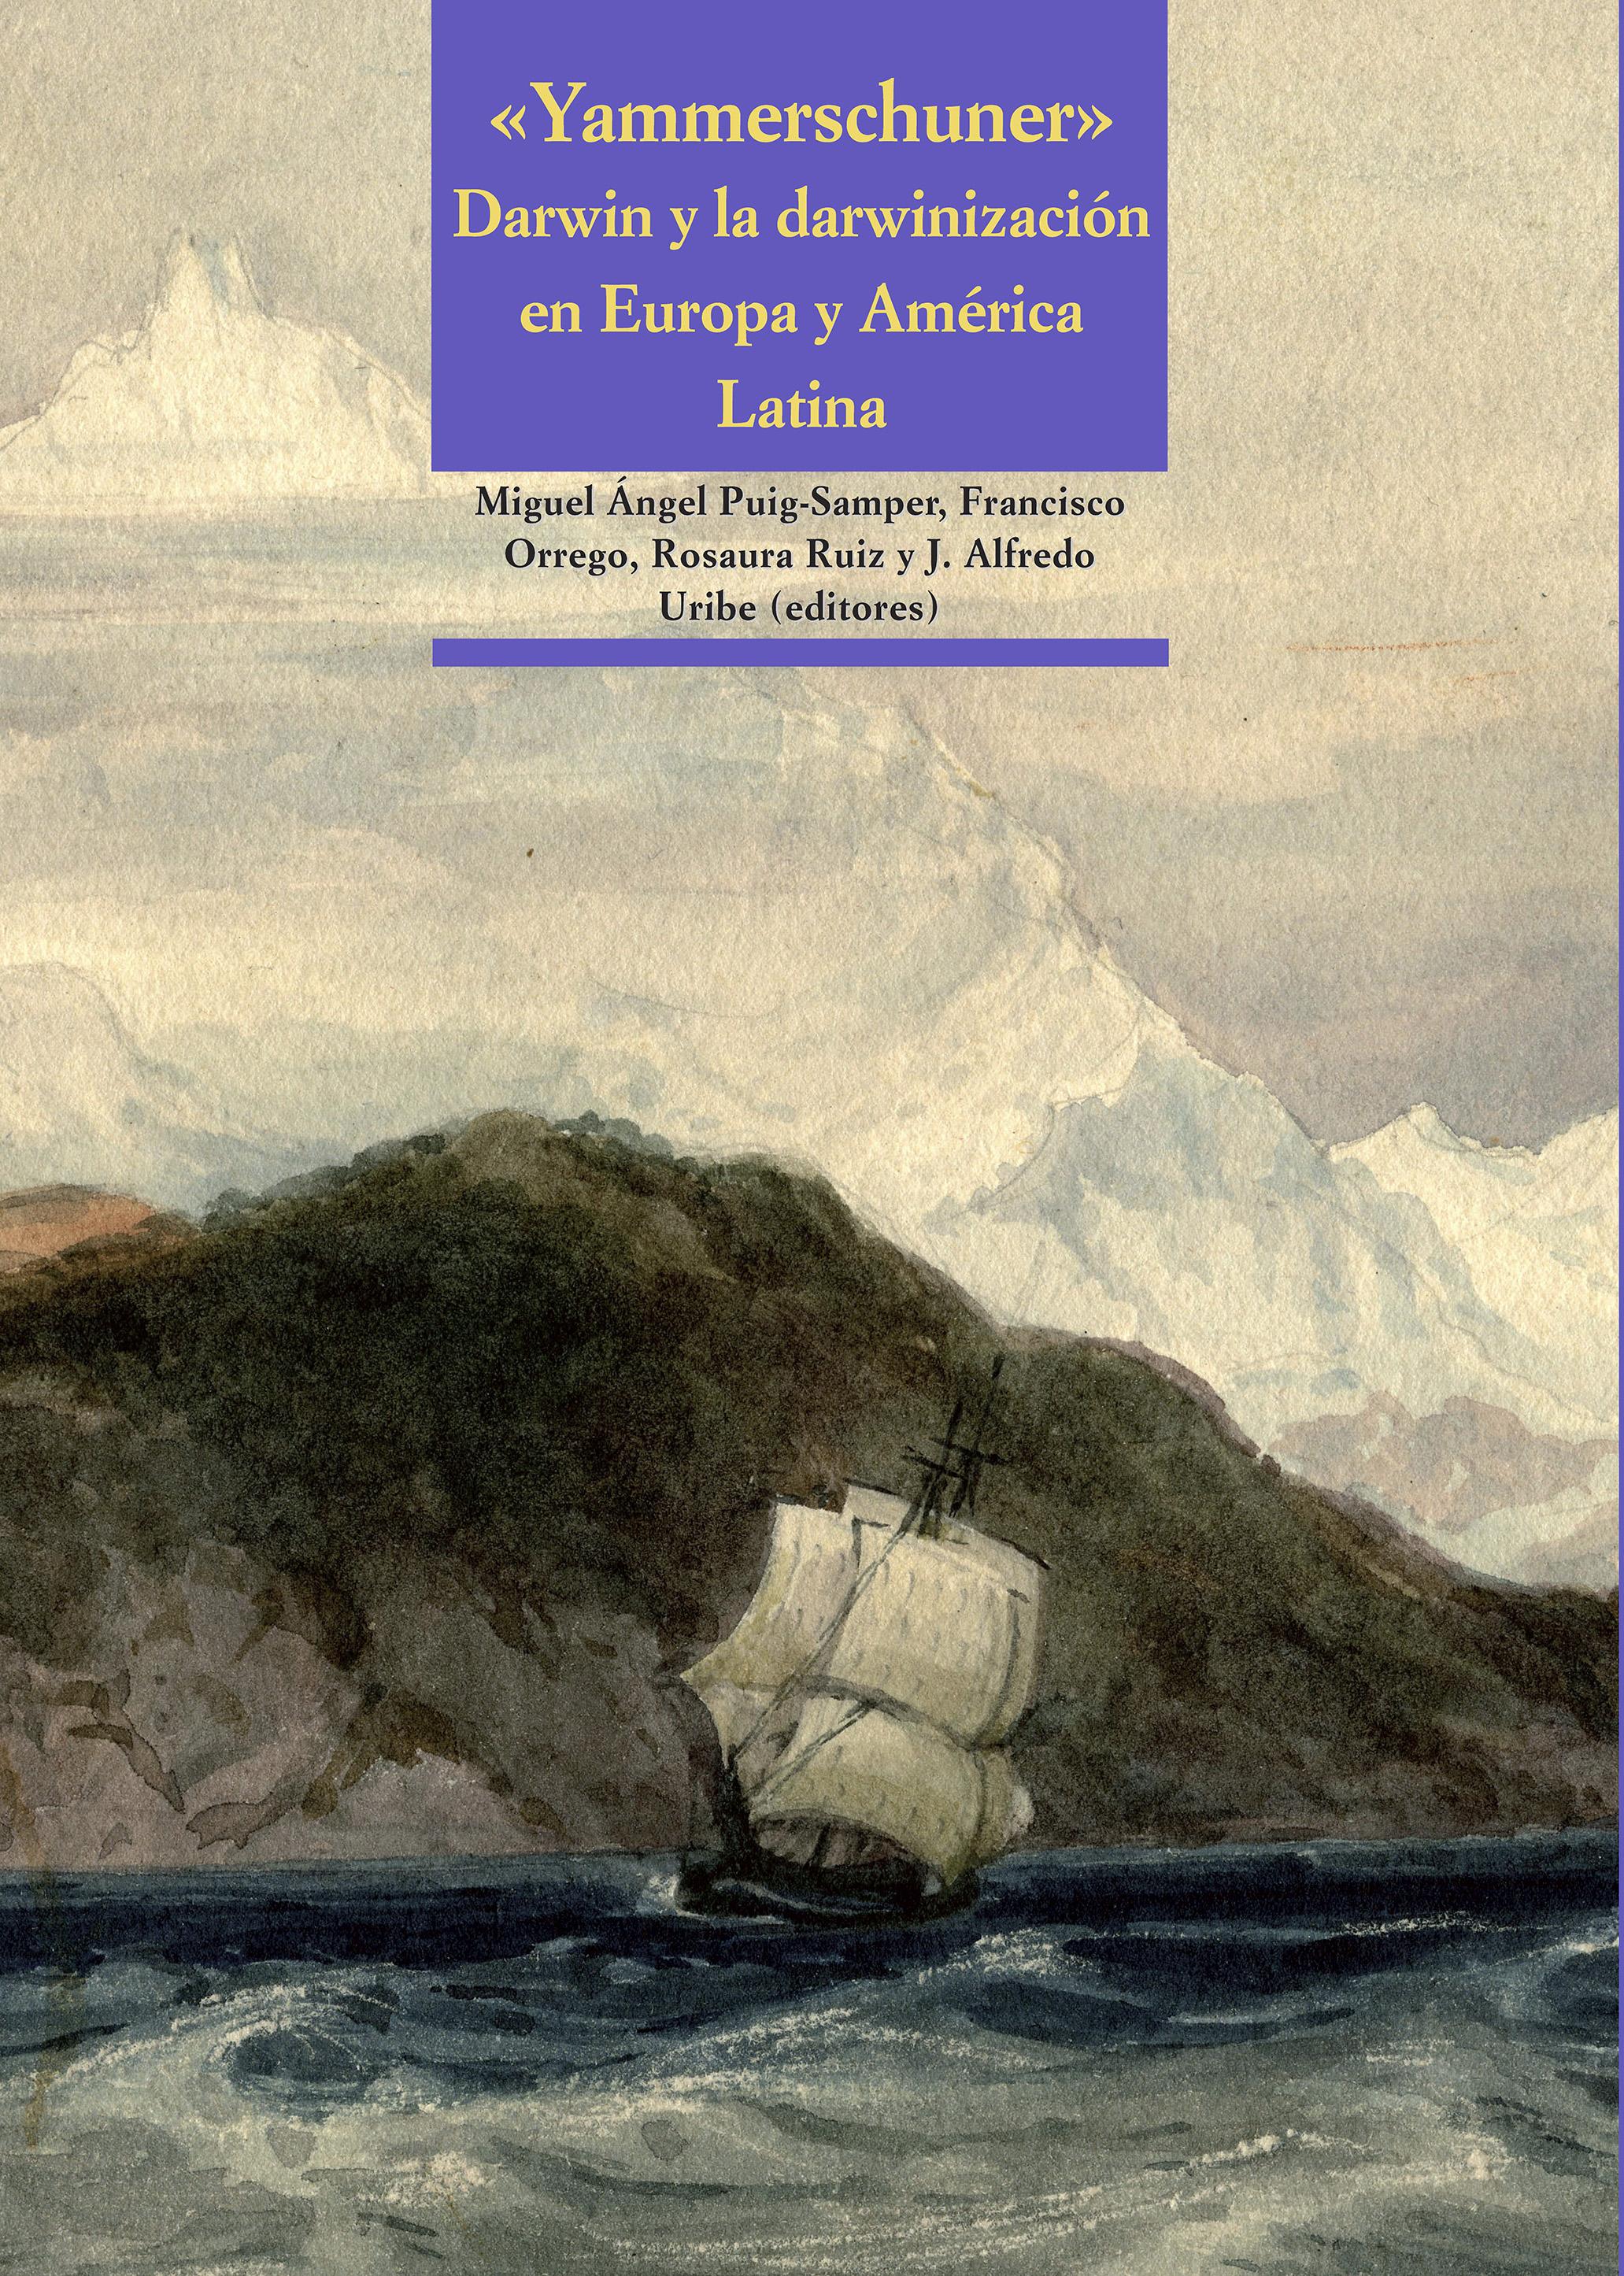 <<Yammerschuner>> Darwin y la darwinizacón en Europa y América Latina